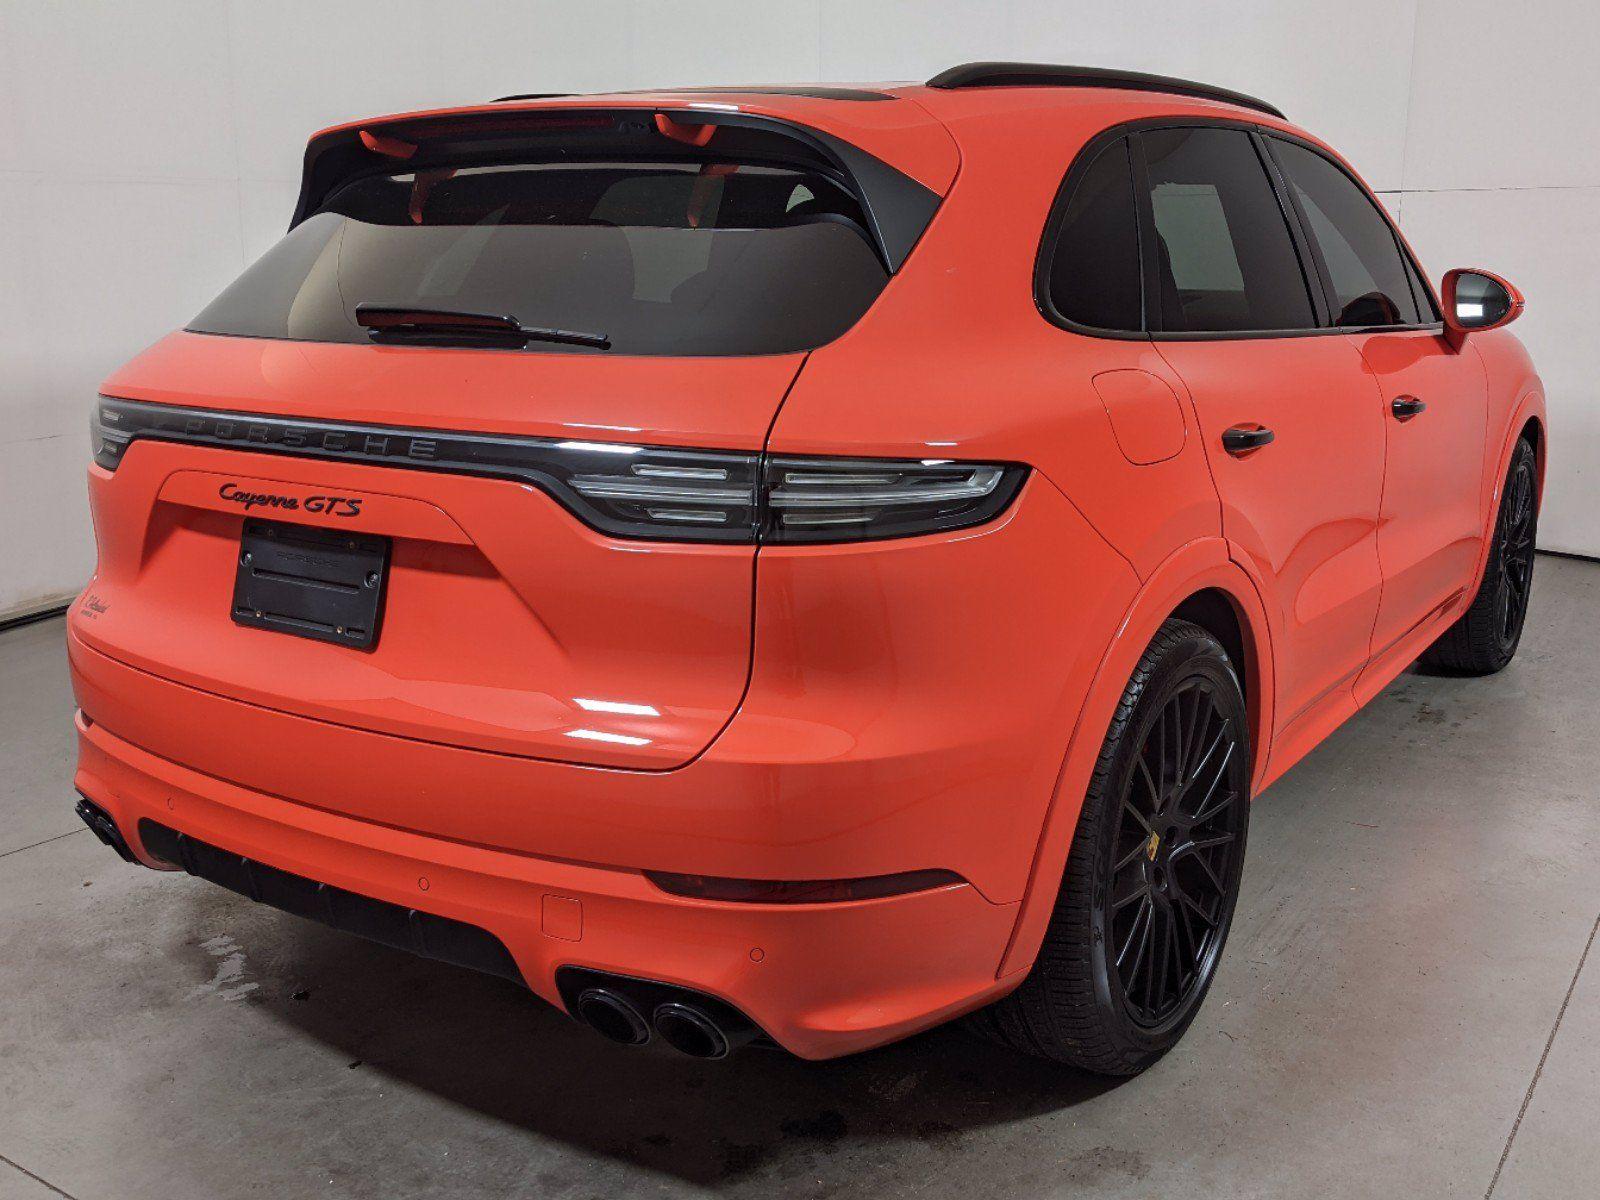 2021 Porsche Cayenne GTS – 5